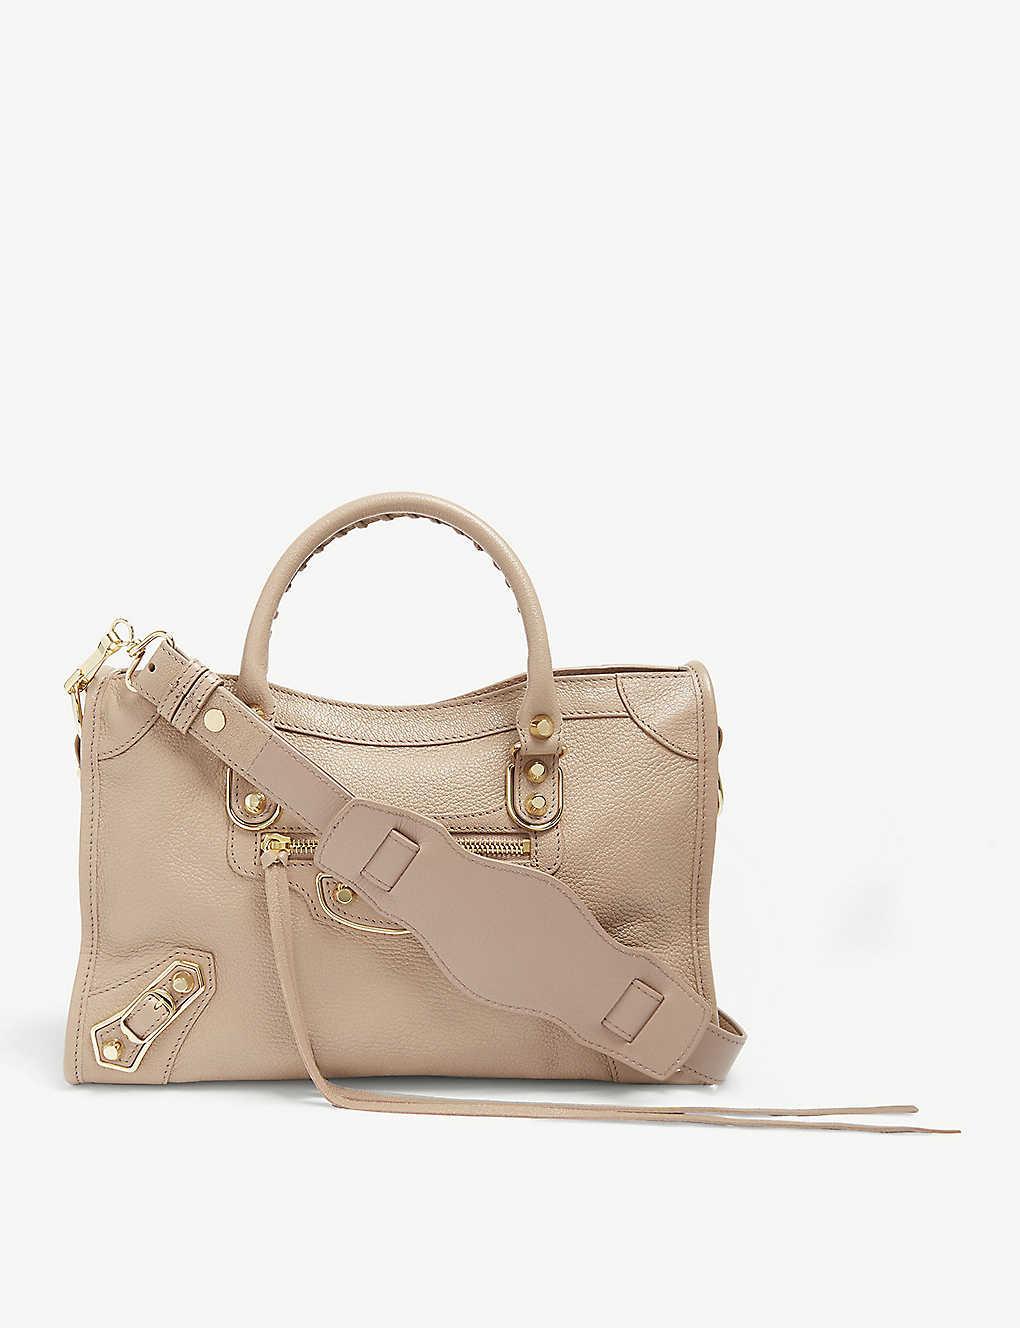 83da9faf83 BALENCIAGA - Classic Metallic Edge City grained leather tote bag ...